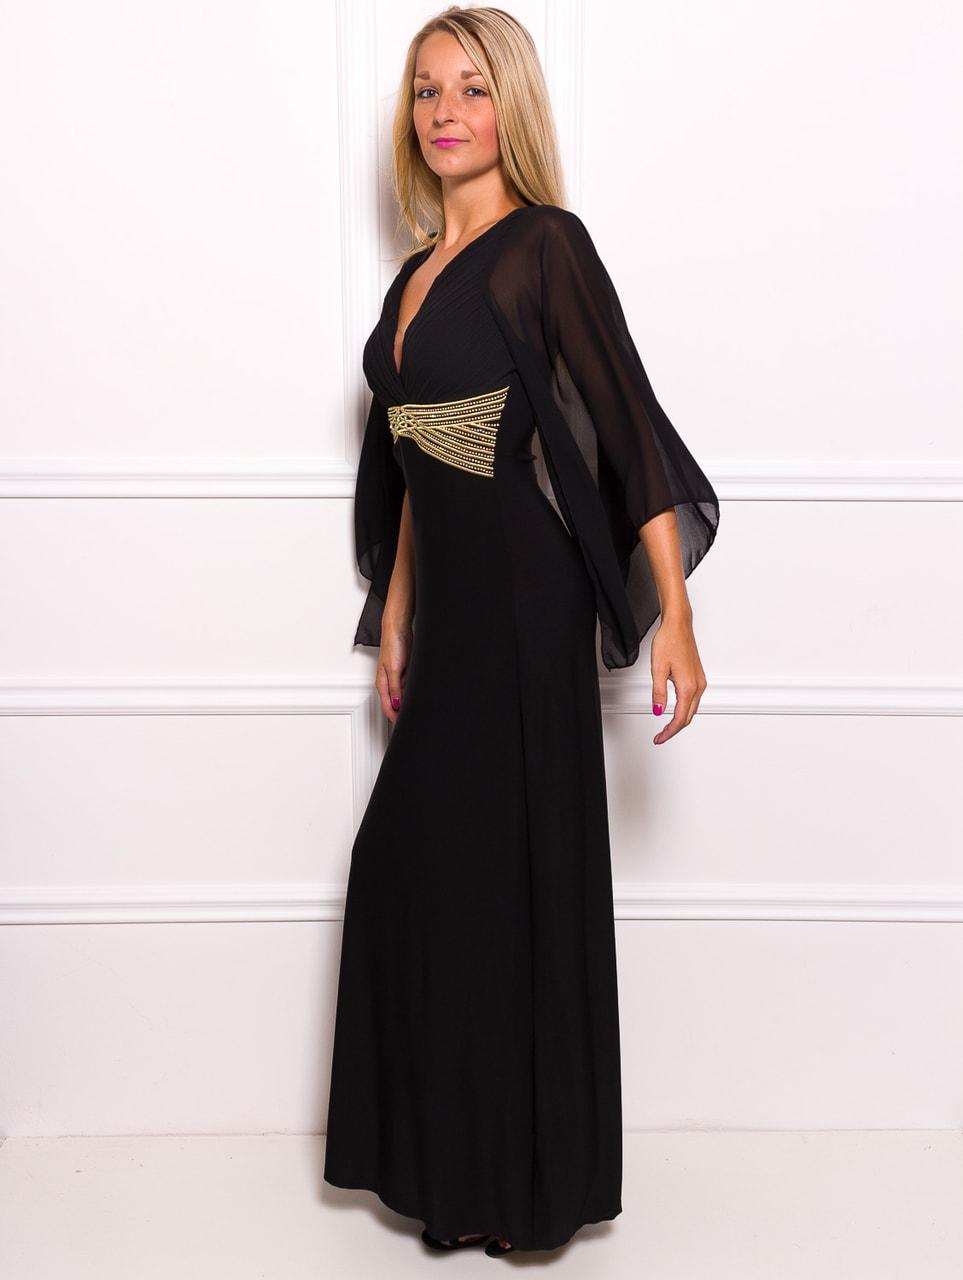 Glamadise.sk - Spoločenské dlhé šaty s šifónovými rukáv - čierna ... 768b9a59751